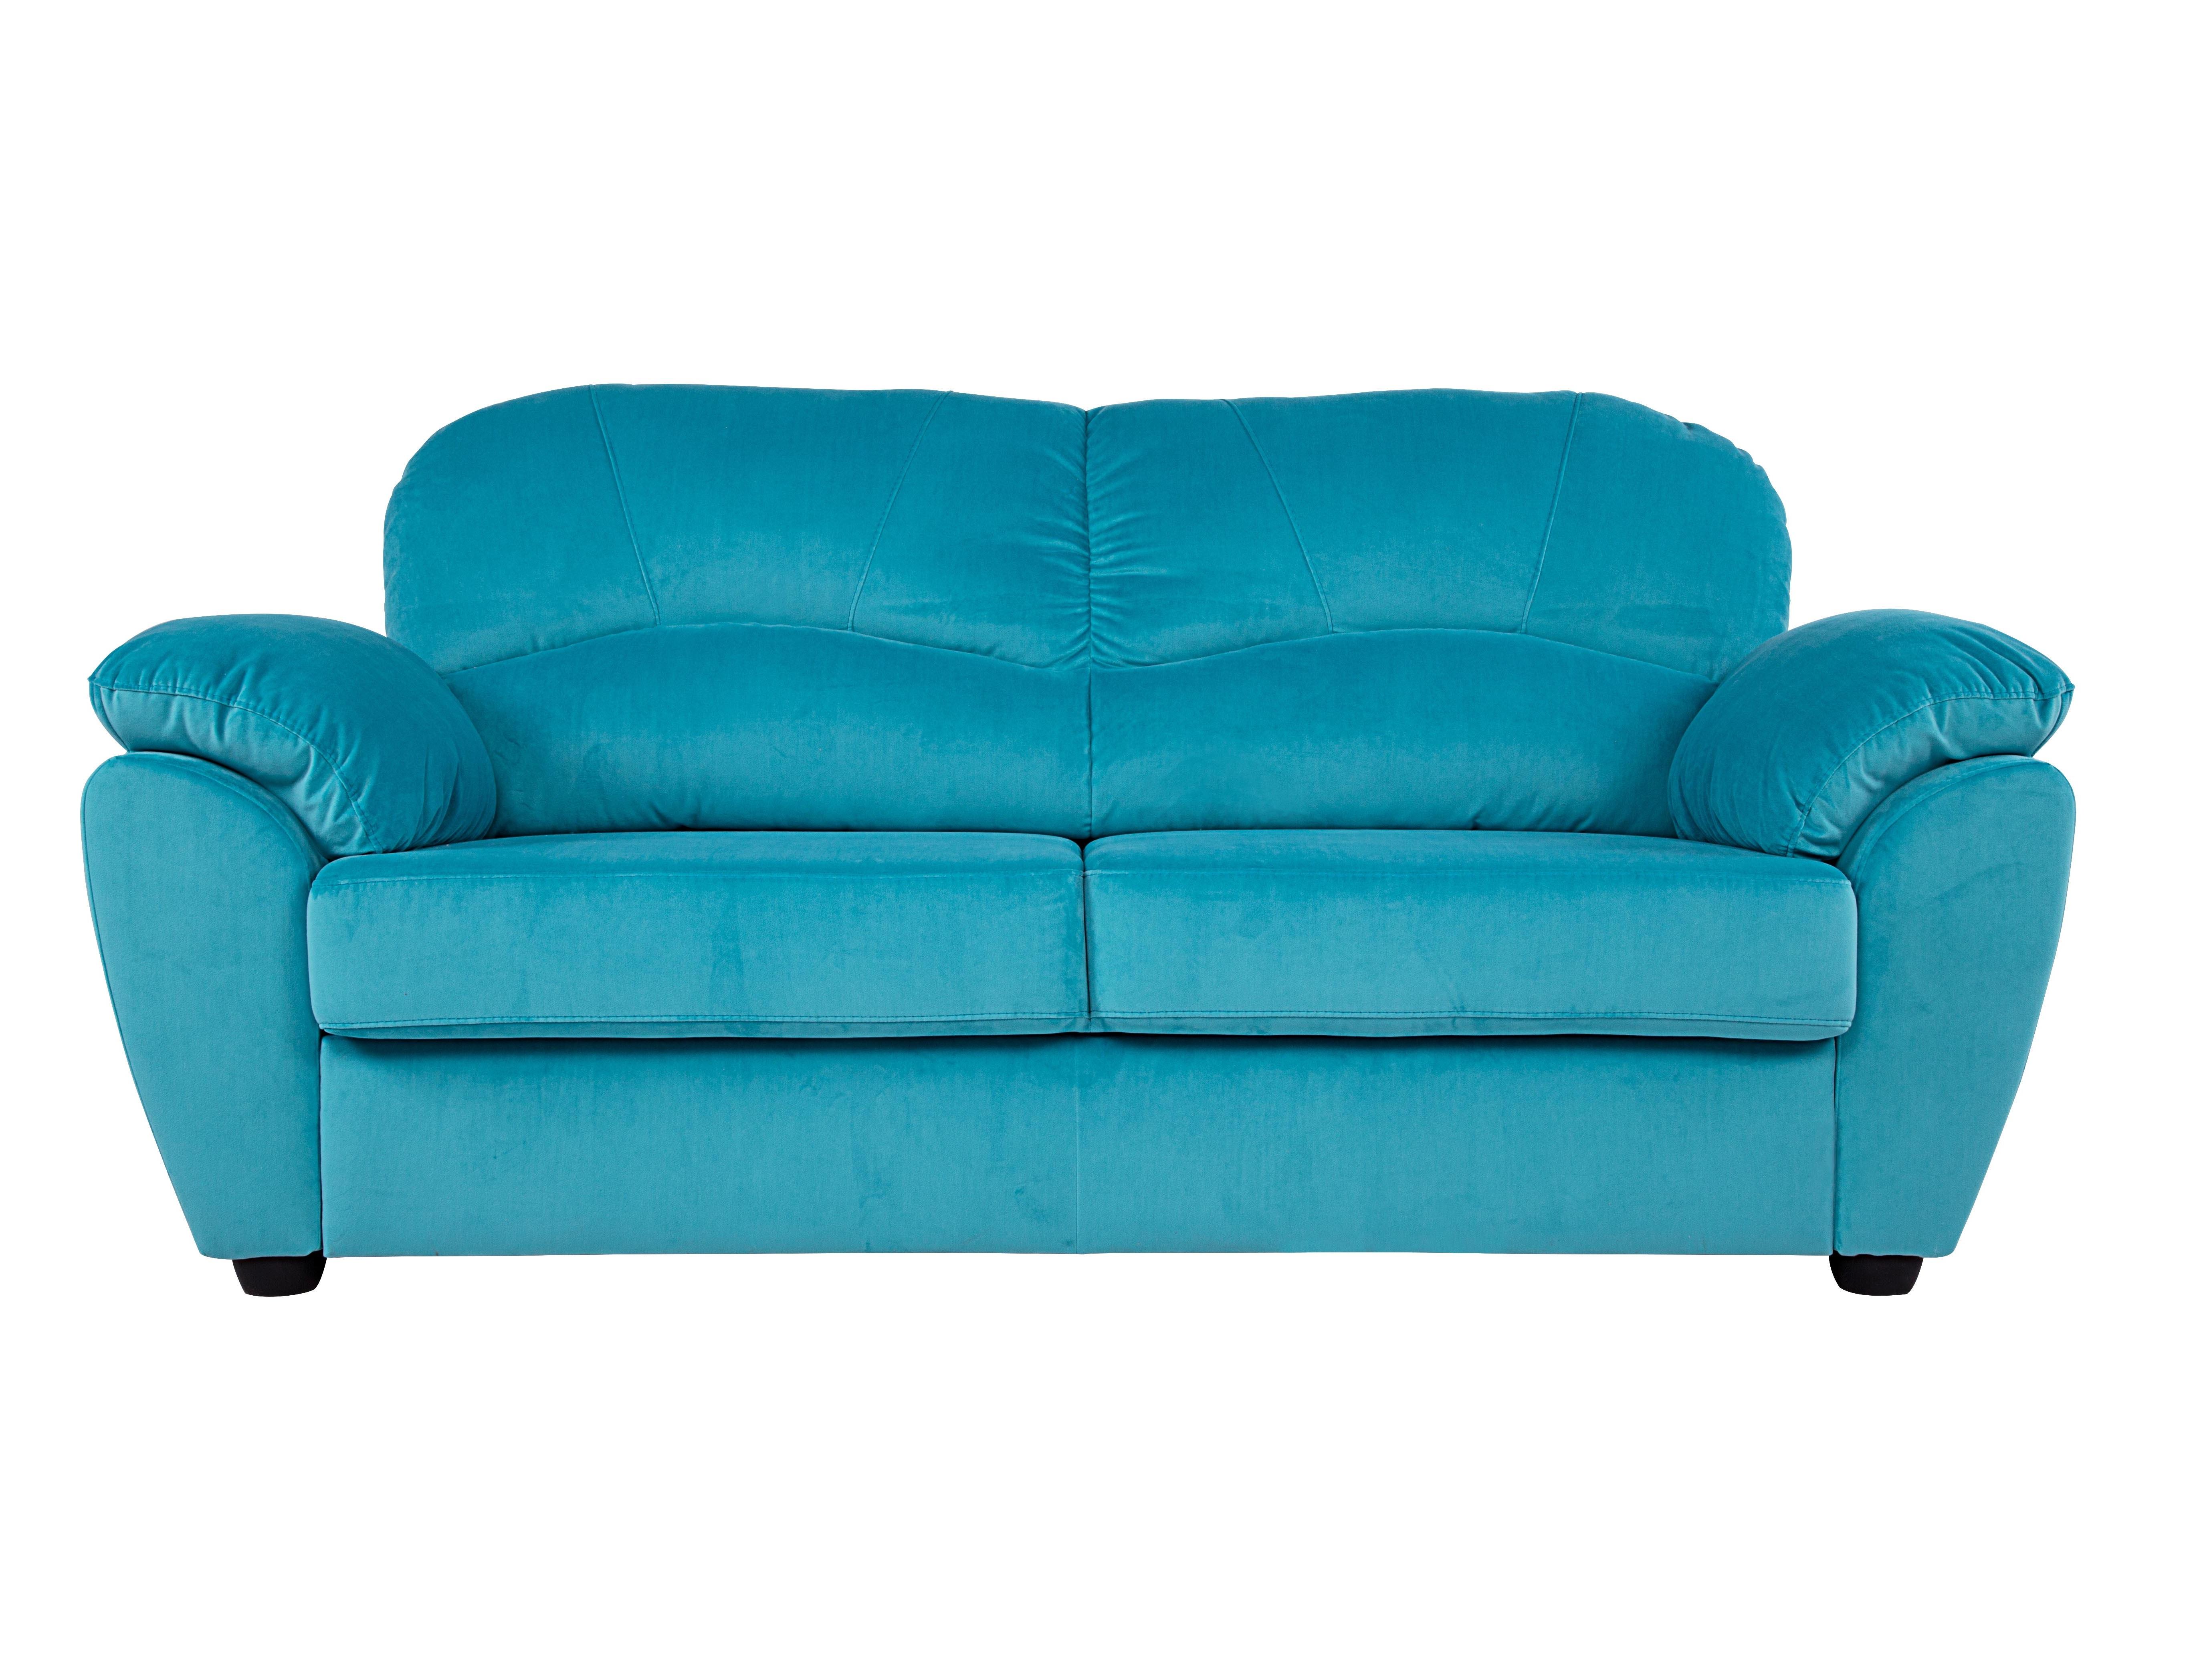 Раскладной диван ЭвитаПрямые раскладные диваны<br>Любите расслабиться на мягком диванчике с чашкой чая в руках, позабыв о повседневных заботах? Тогда у нас есть для вас идеальный мягкий друг! Современный дизайн впишется в любой интерьер. Кожаная обивка и мягкие формы помогут вам по-настоящему расслабиться в уютных объятиях &amp;quot;Эвиты&amp;quot;.<br><br>Material: Велюр